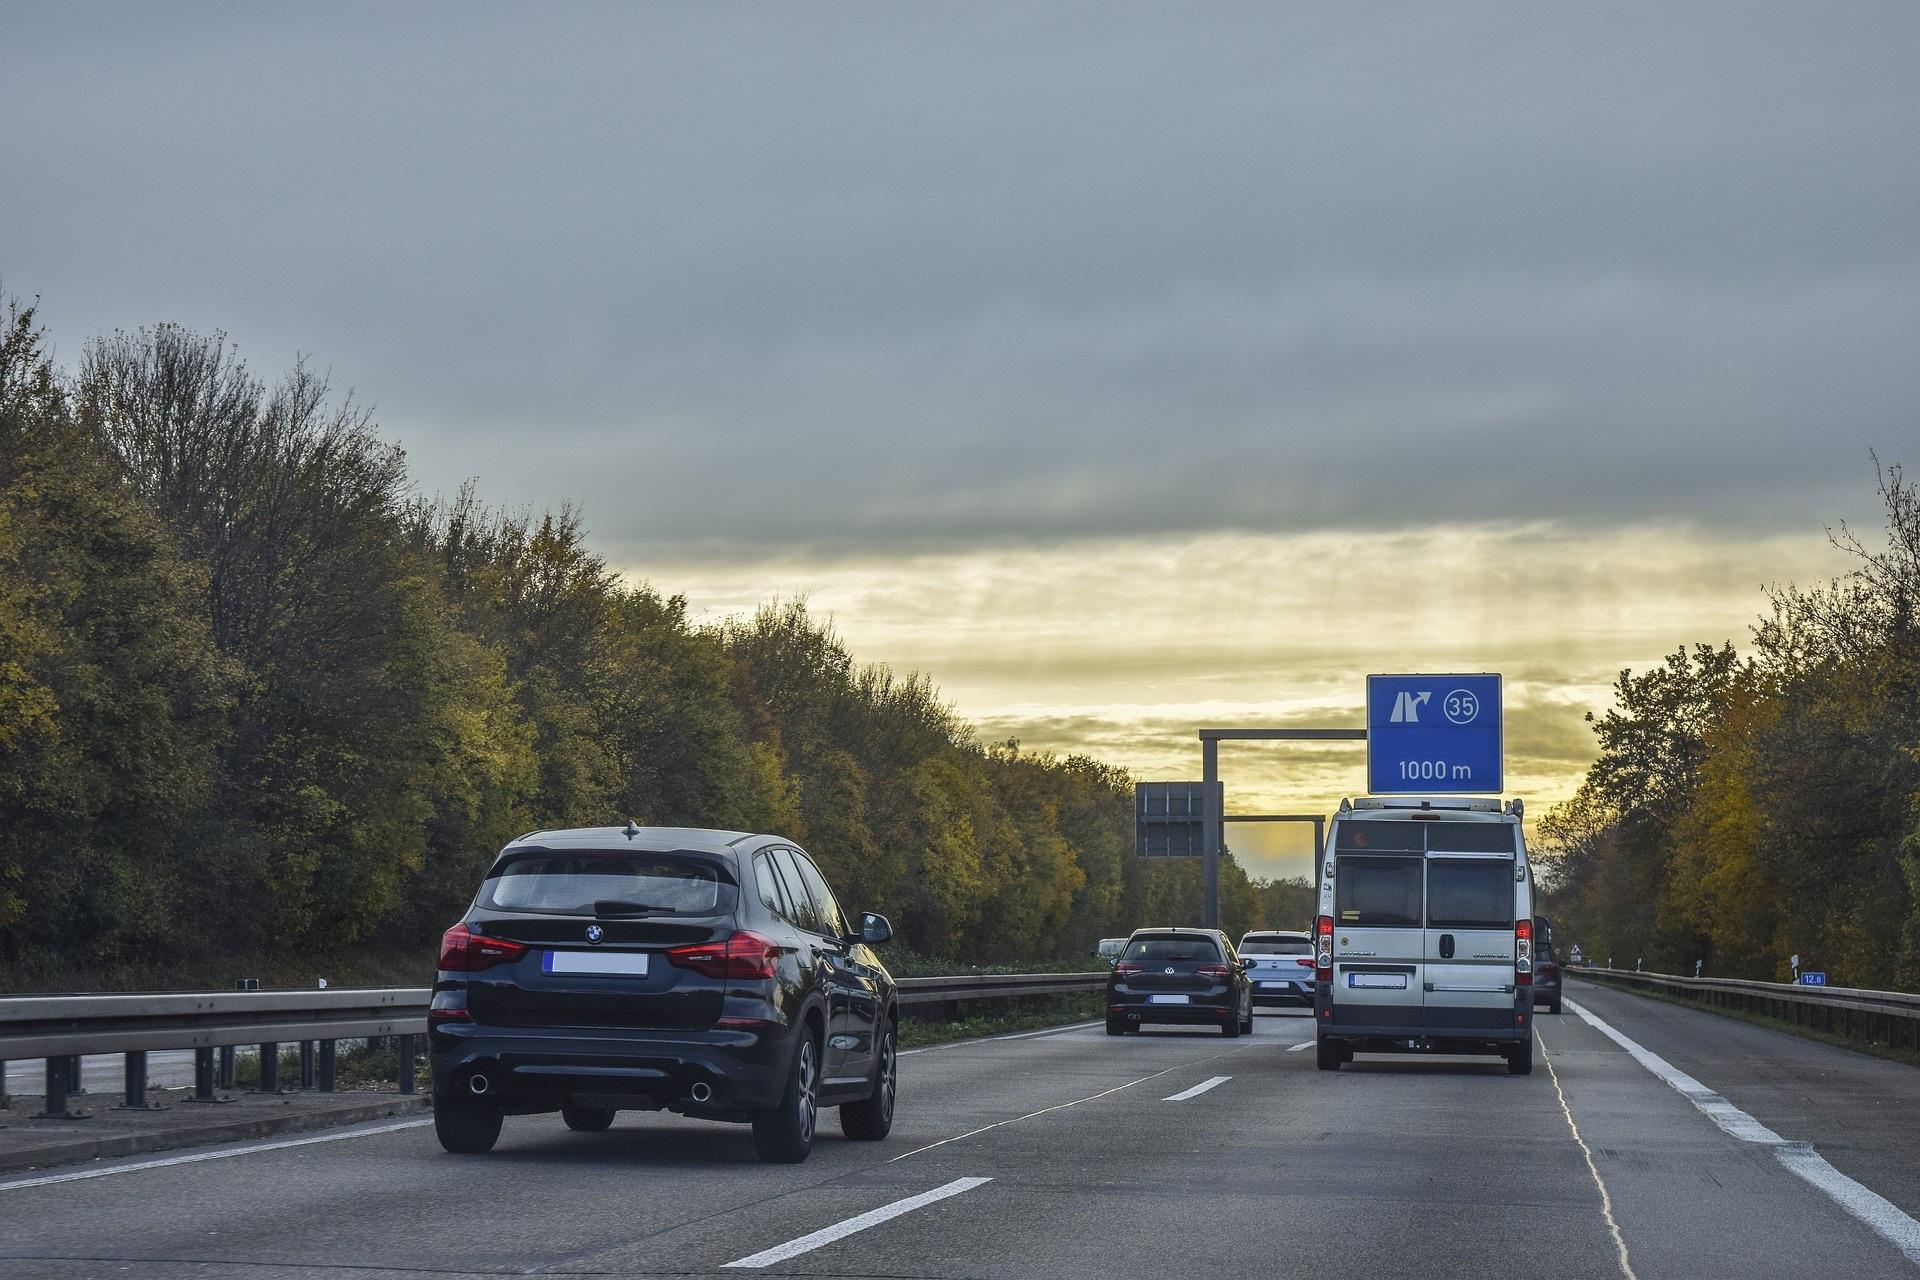 Rząd wprowadza obowiązkowe lokalizowanie pojazdów